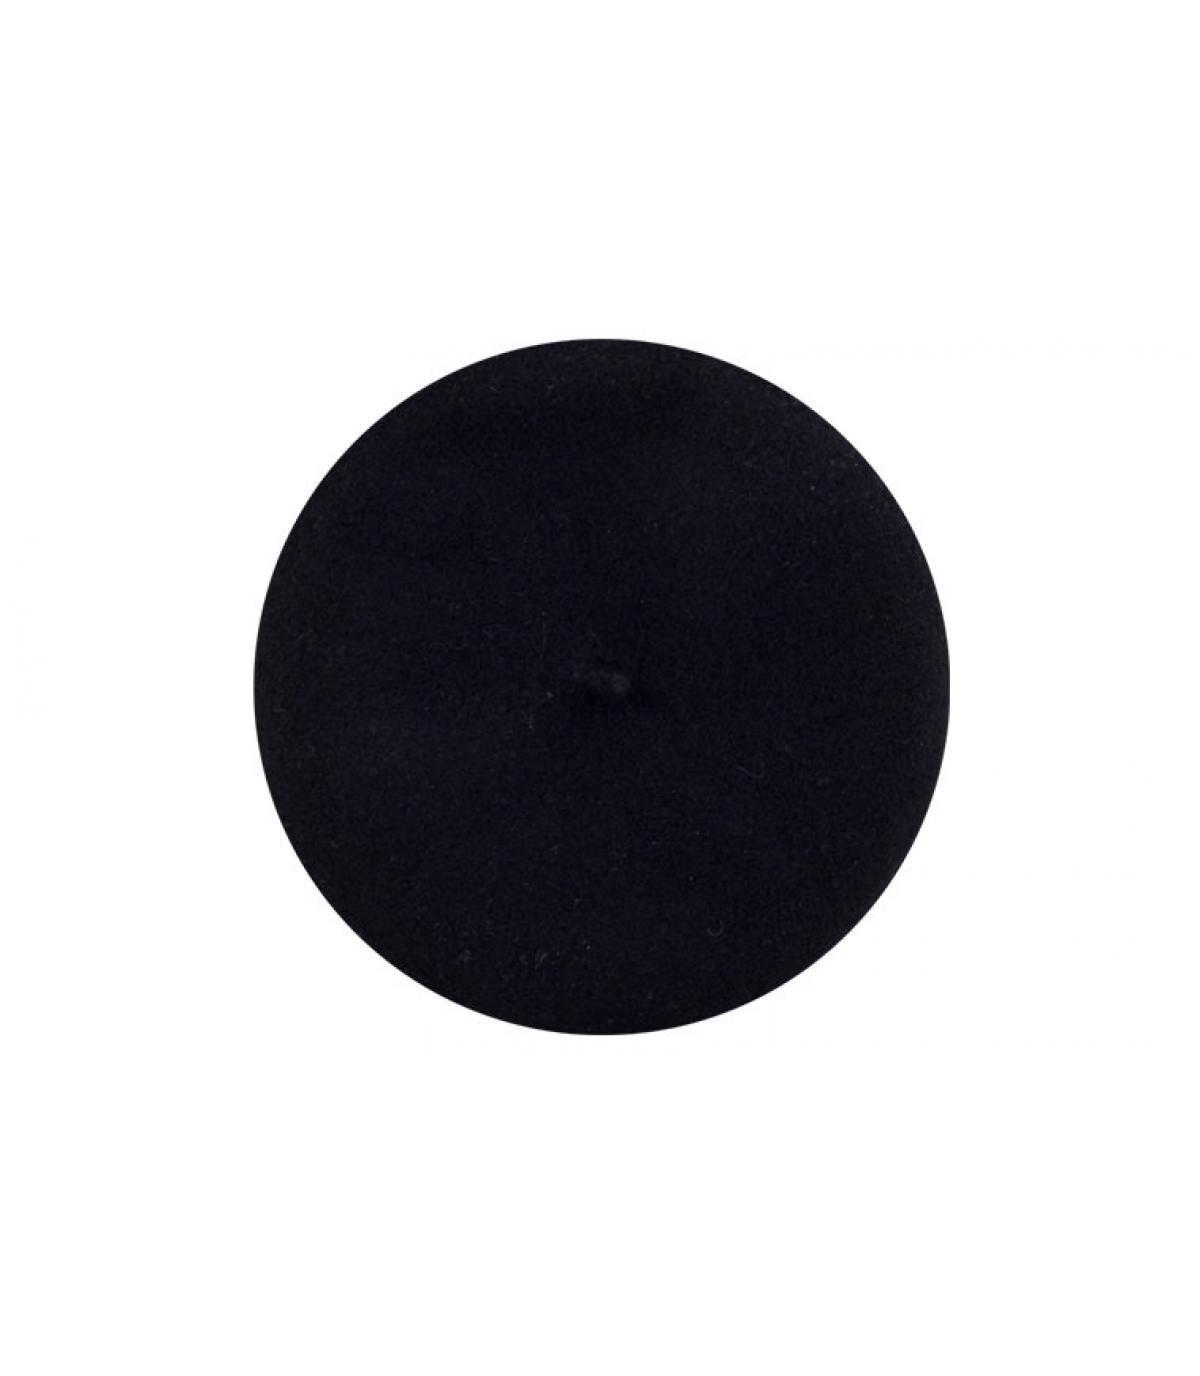 beret parisien noir parisienne noir par laulhere. Black Bedroom Furniture Sets. Home Design Ideas